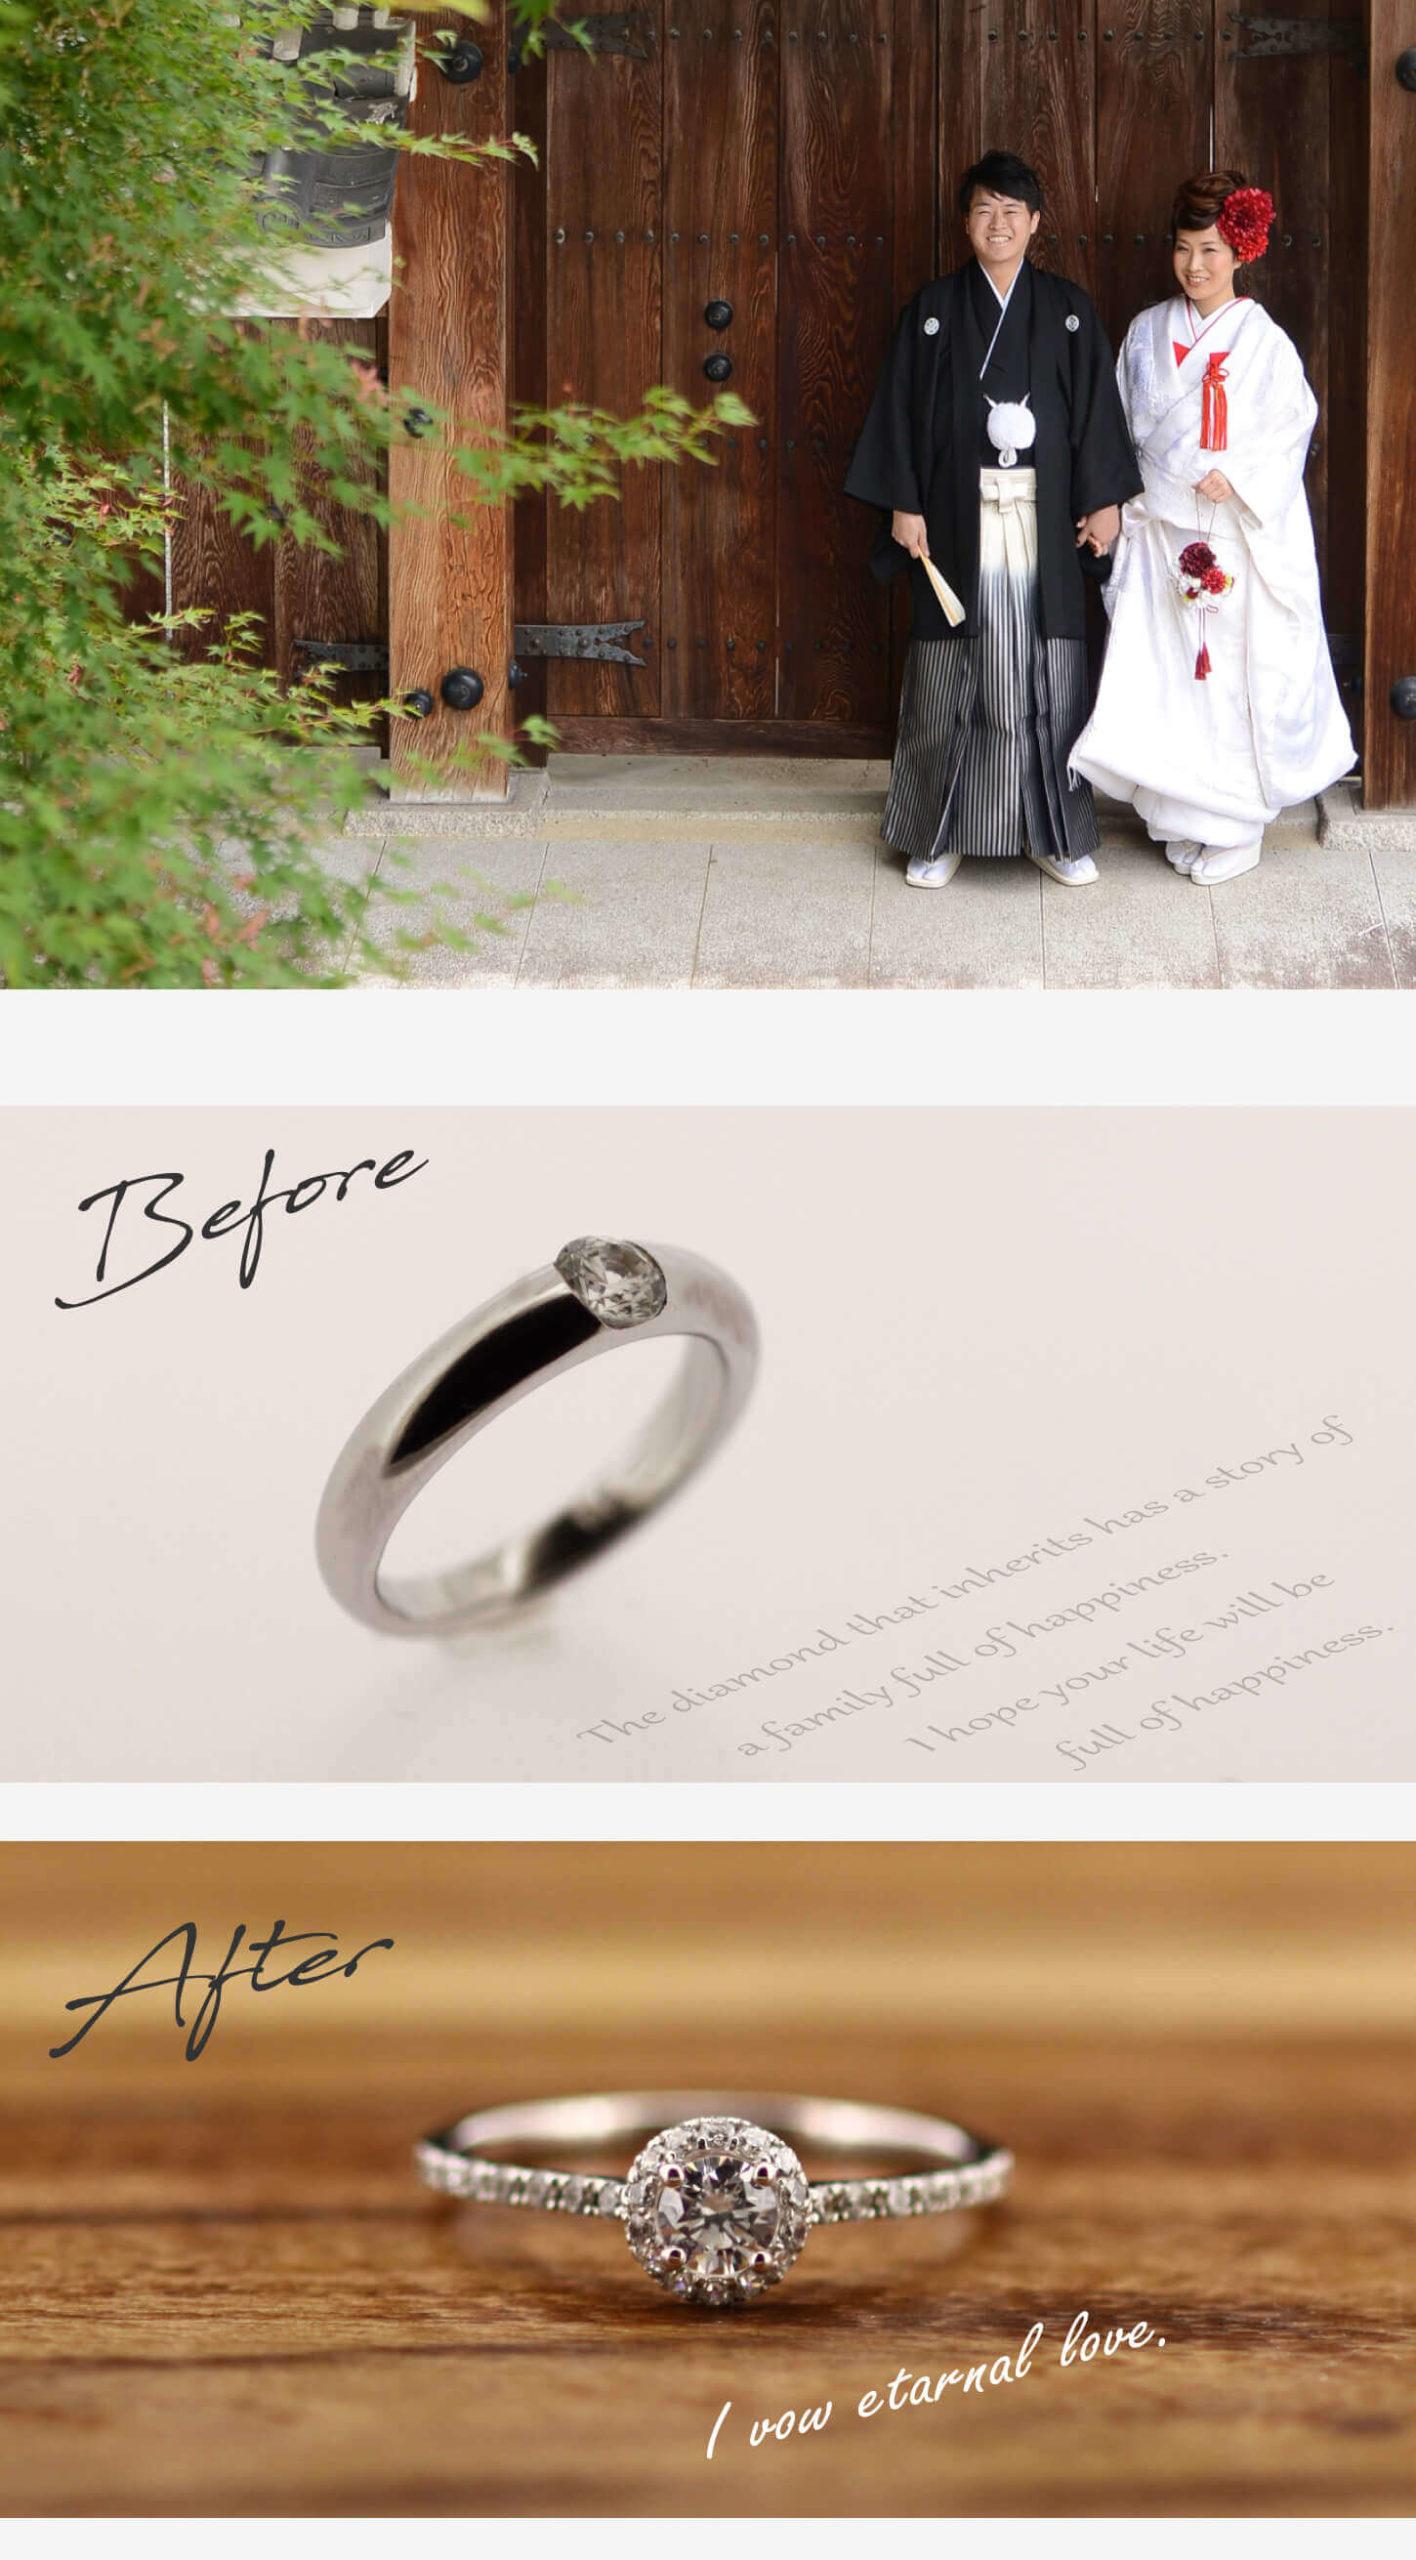 お客様インタビューN様のビフォーアフターの画像。和装をした結婚式の二人の姿、ビフォーは母から譲られた1粒デイリータイプの婚約指輪、アフターはセンターダイヤの周りをメレダイヤで囲み、アームにもメレダイヤが並んだ、お花にも見える華やかな婚約指輪